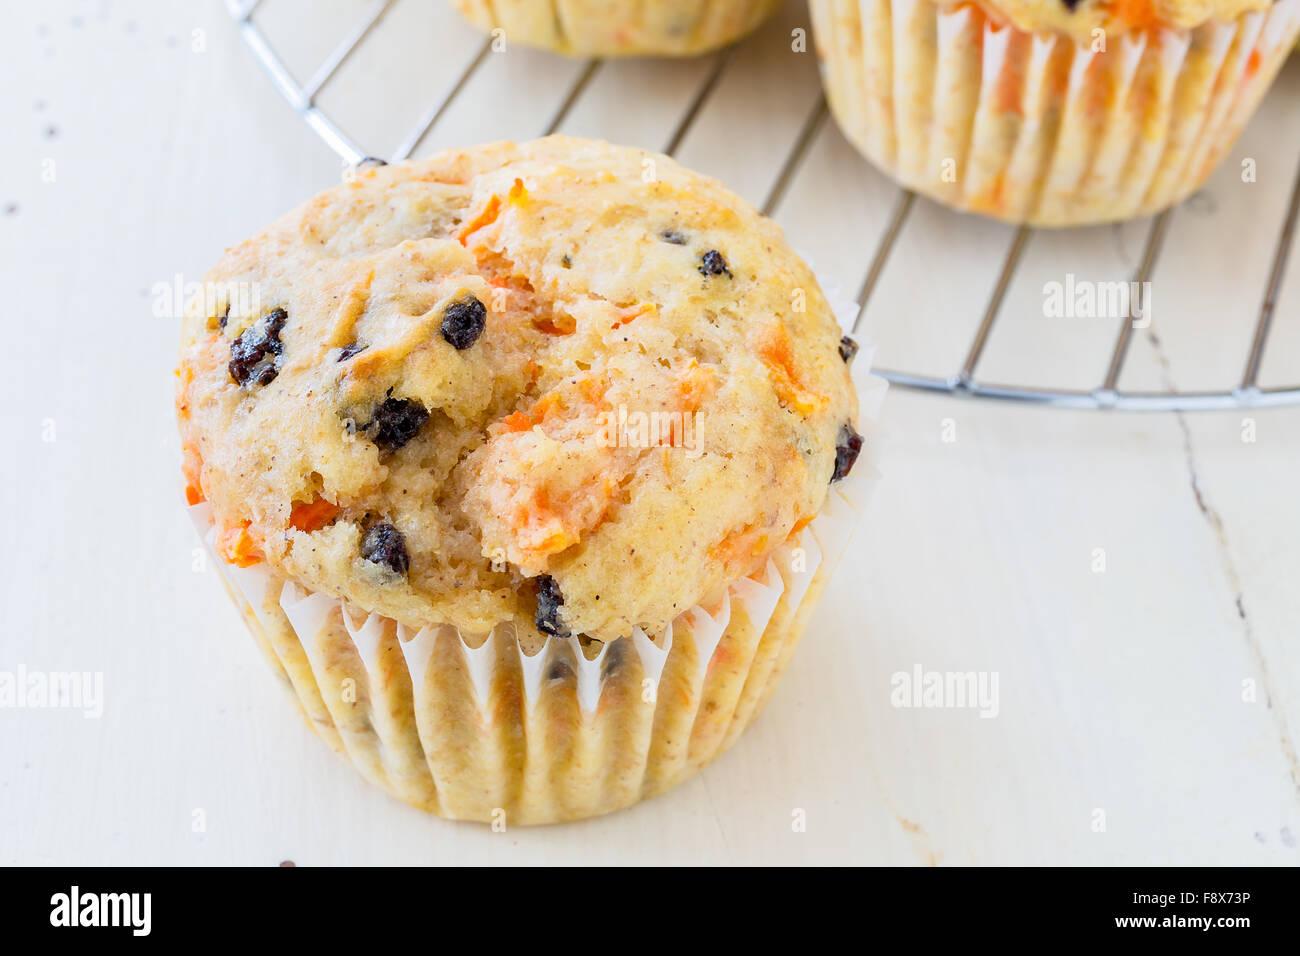 Gustosi piatti fatti in casa la carota raisin muffin. Immagini Stock